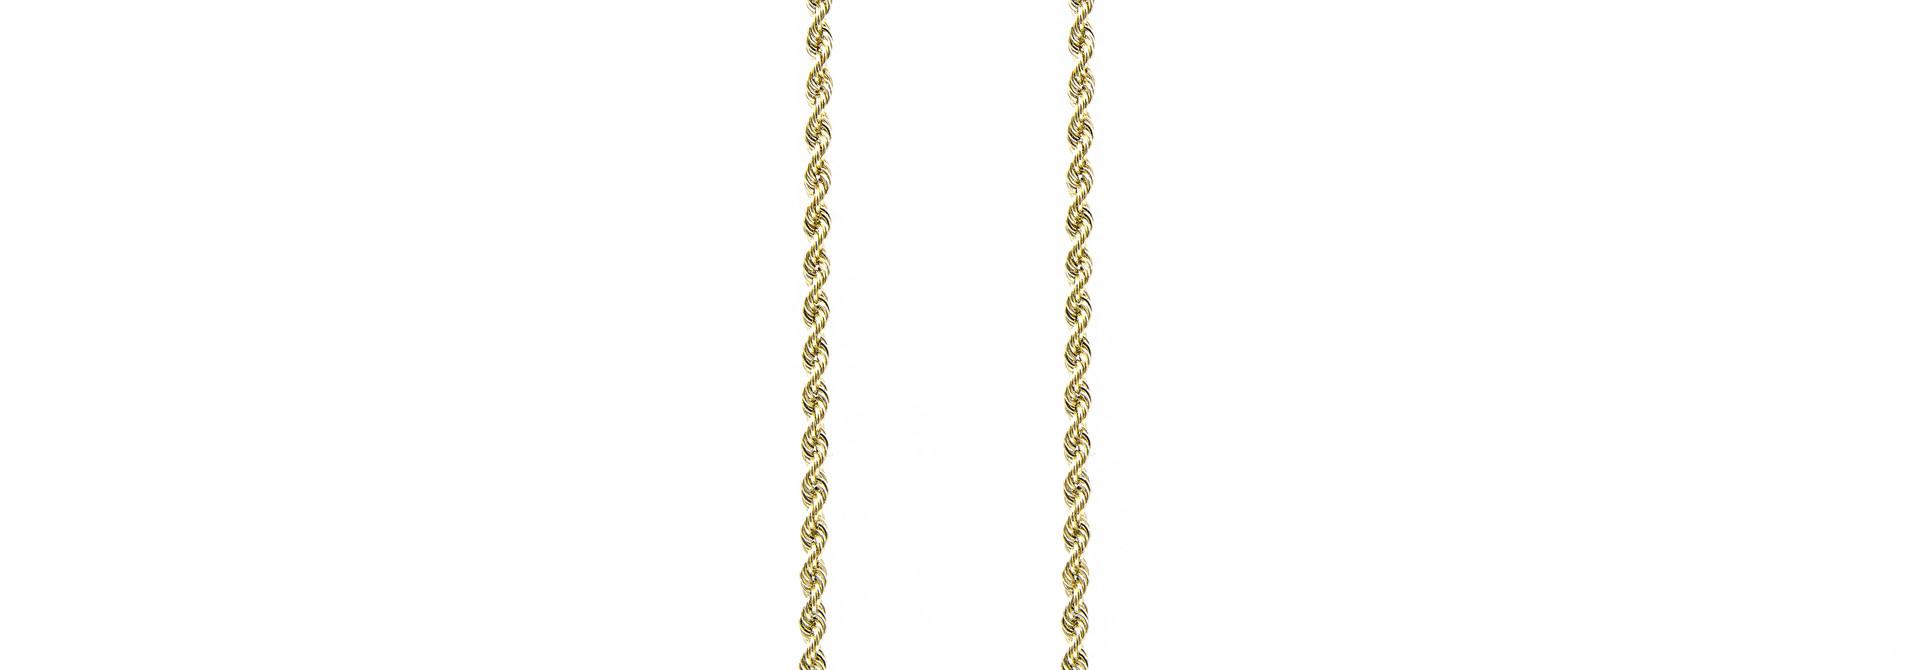 Rope chain Nederlands goud 18kt 4mm